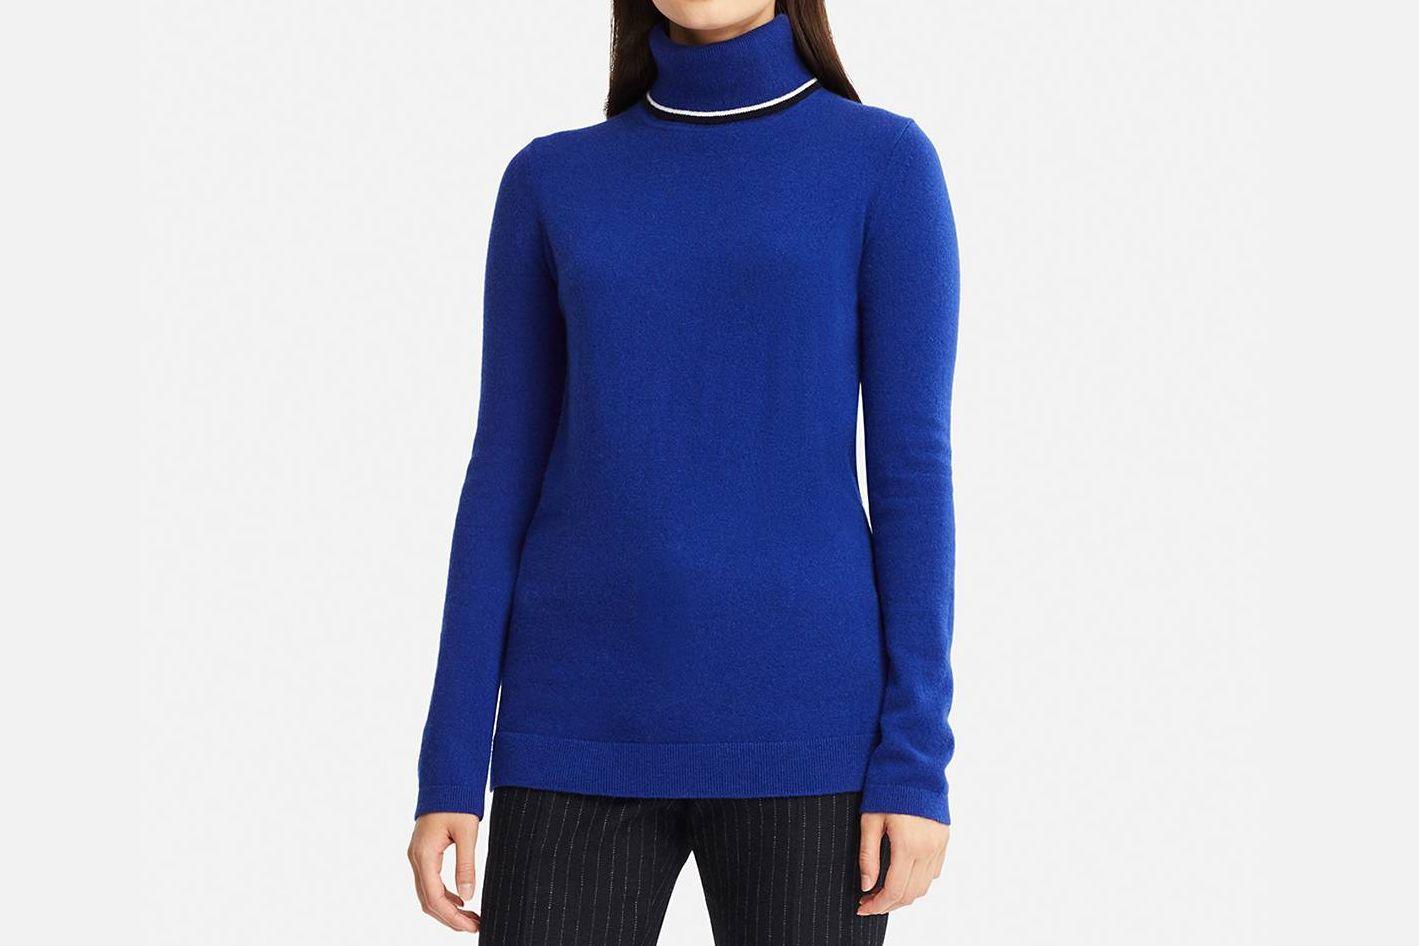 Uniqlo Women's Cashmere Turtleneck Tunic (Inès de la Fressange)